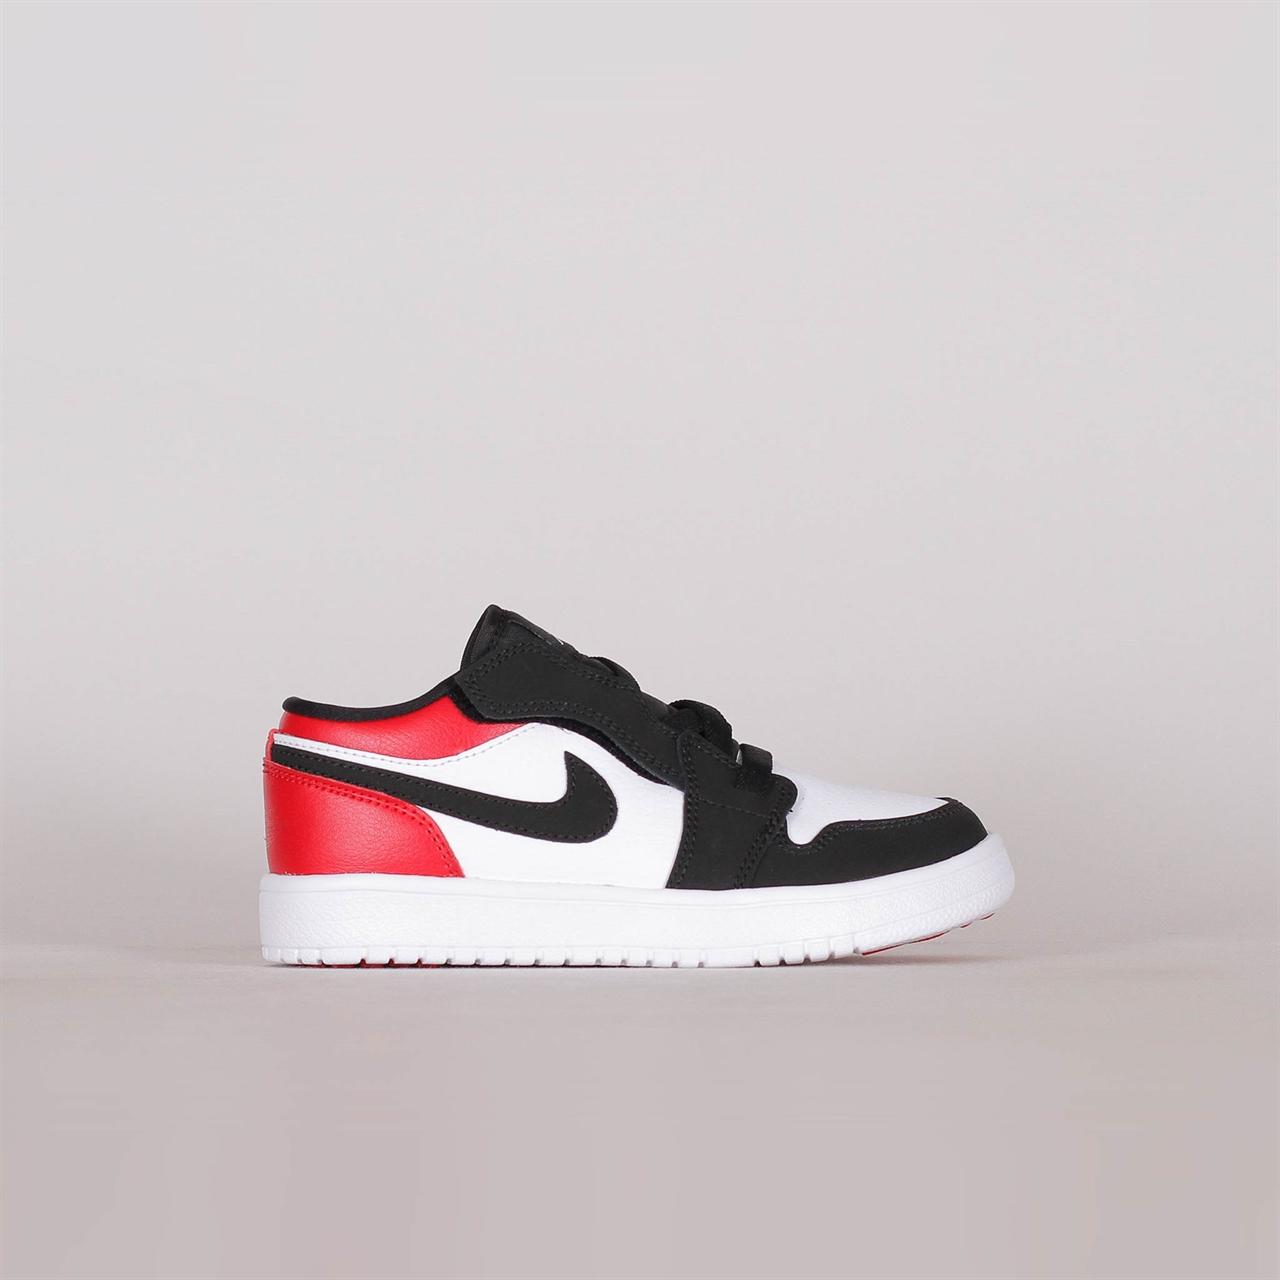 29cd224197cfd Shelta - Nike Air Jordan 1 Low Pre-School Black Toe (BQ6066-116)